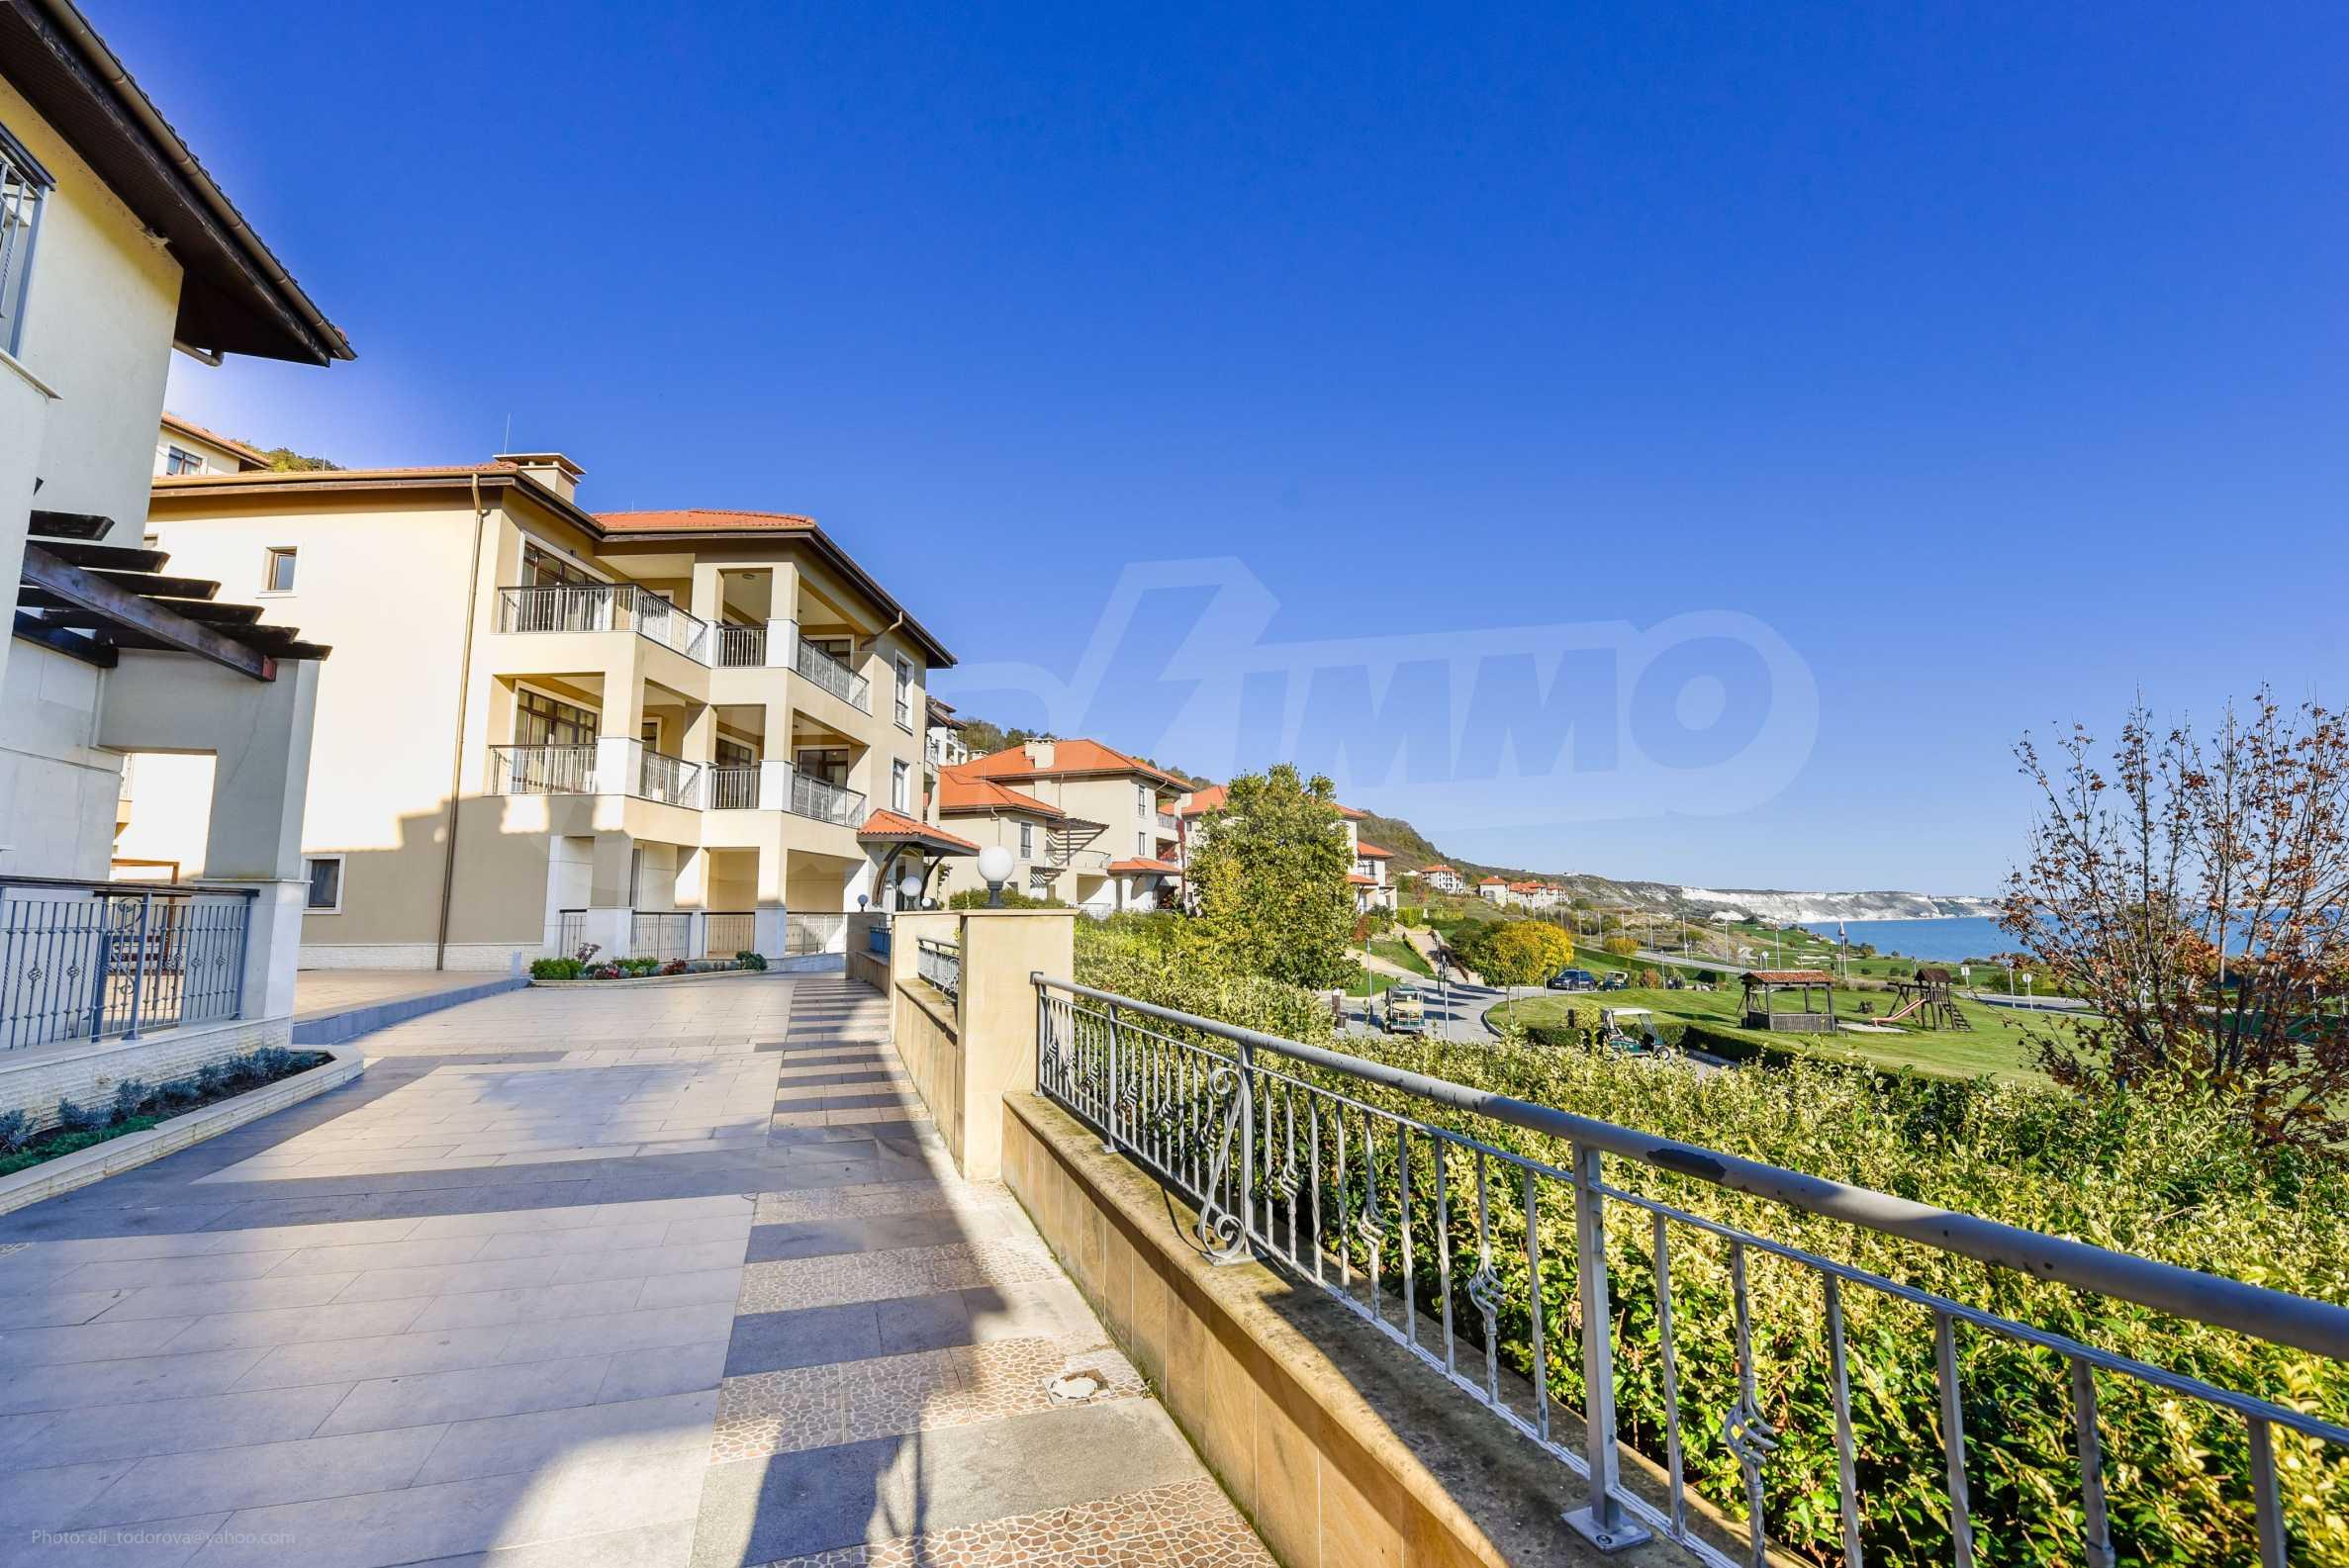 Thracian Cliffs Golf & Beach Resort - гольф-курорт мирового класса 8